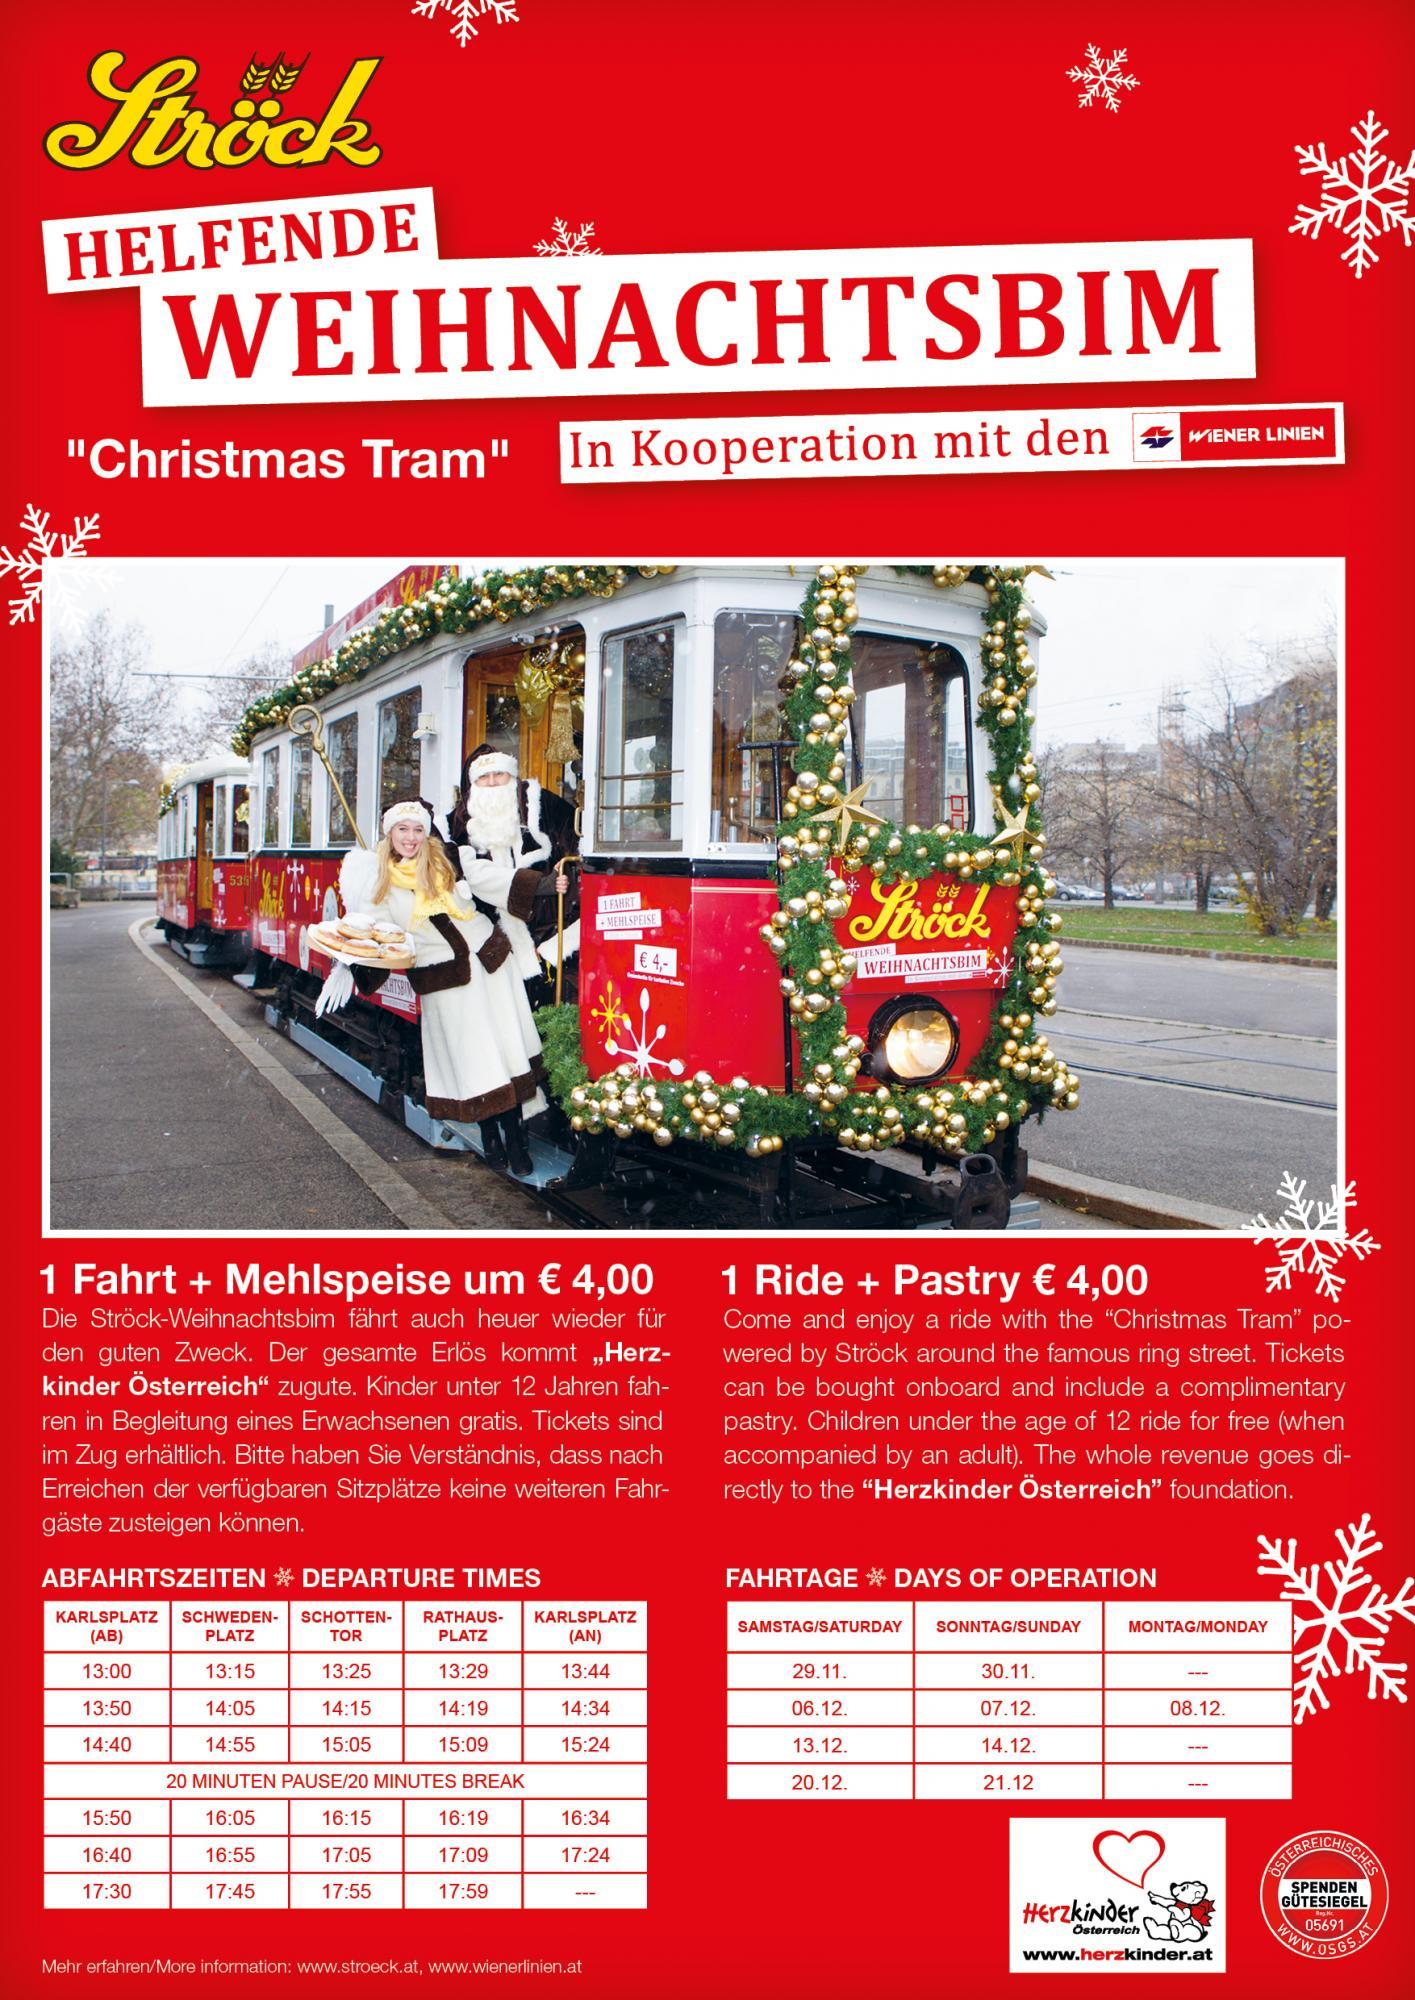 weihnachtsbim_2014